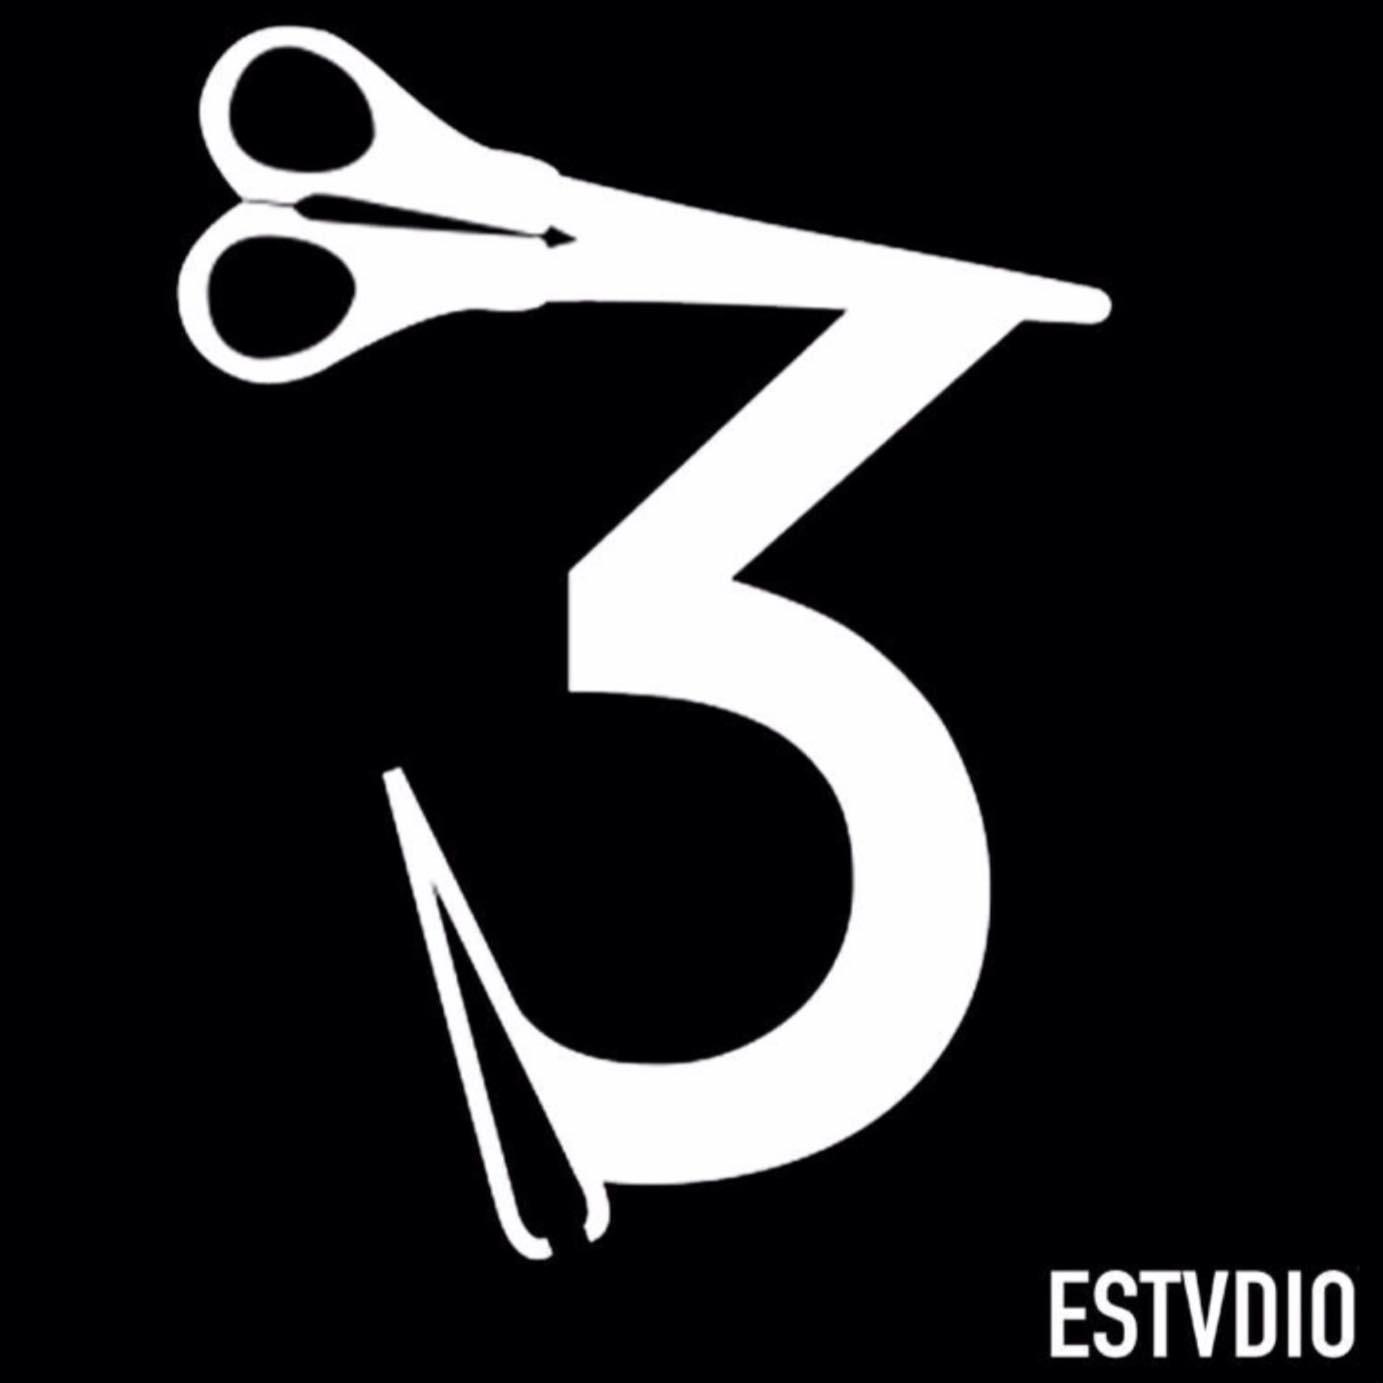 Estvdio3.JPG